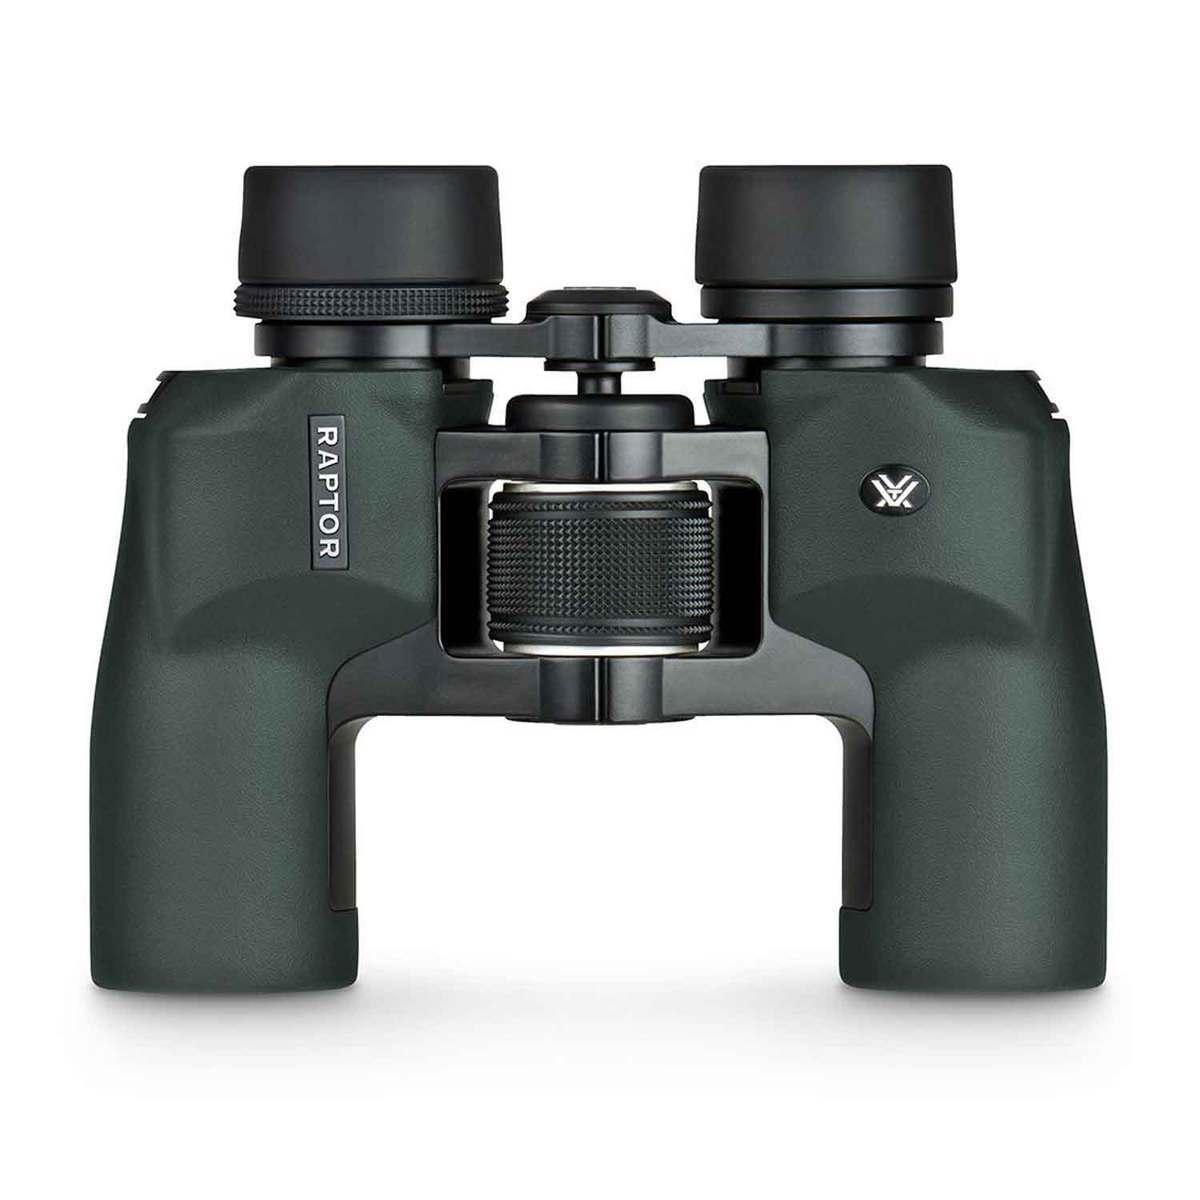 Vortex Raptor Compact Binoculars - 10x32